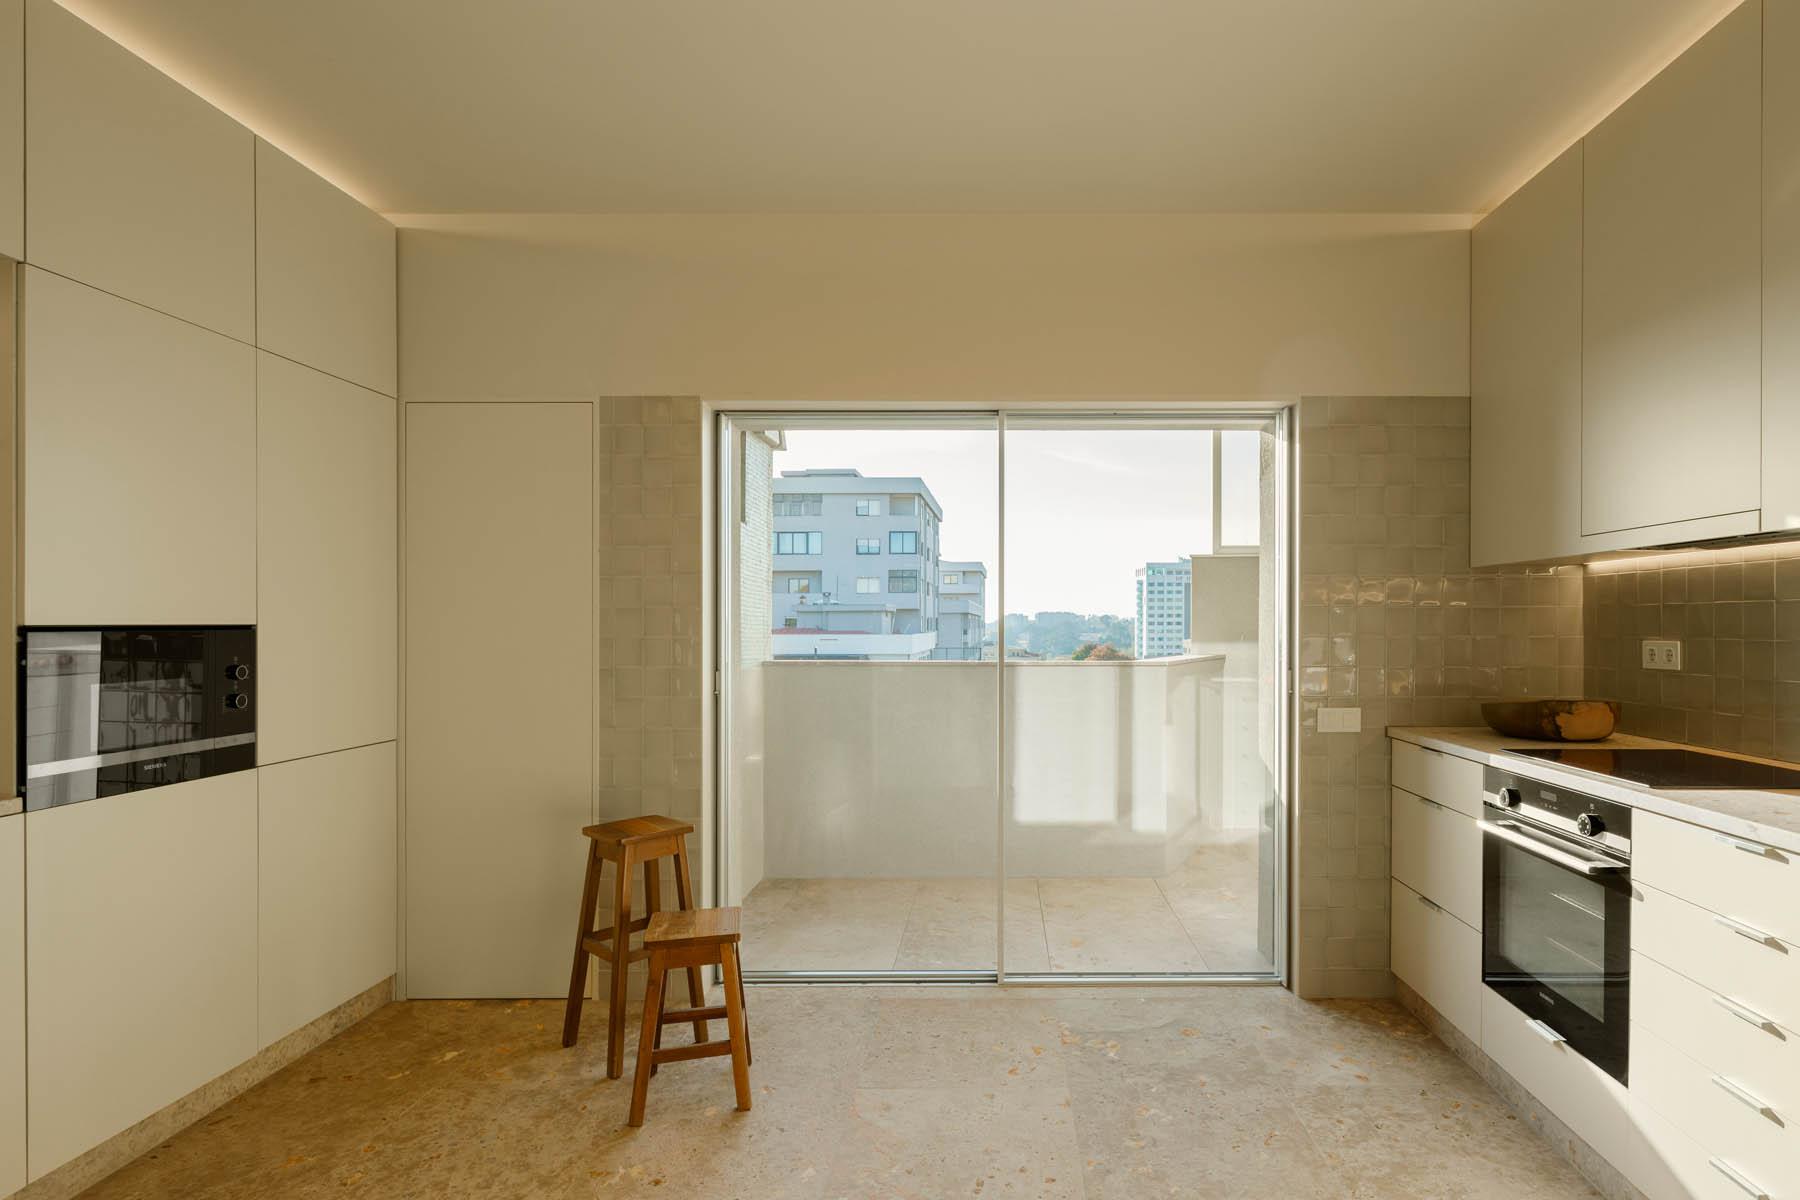 Apartamento no Porto do Atelier Costa Lima Arquitectos e com fot